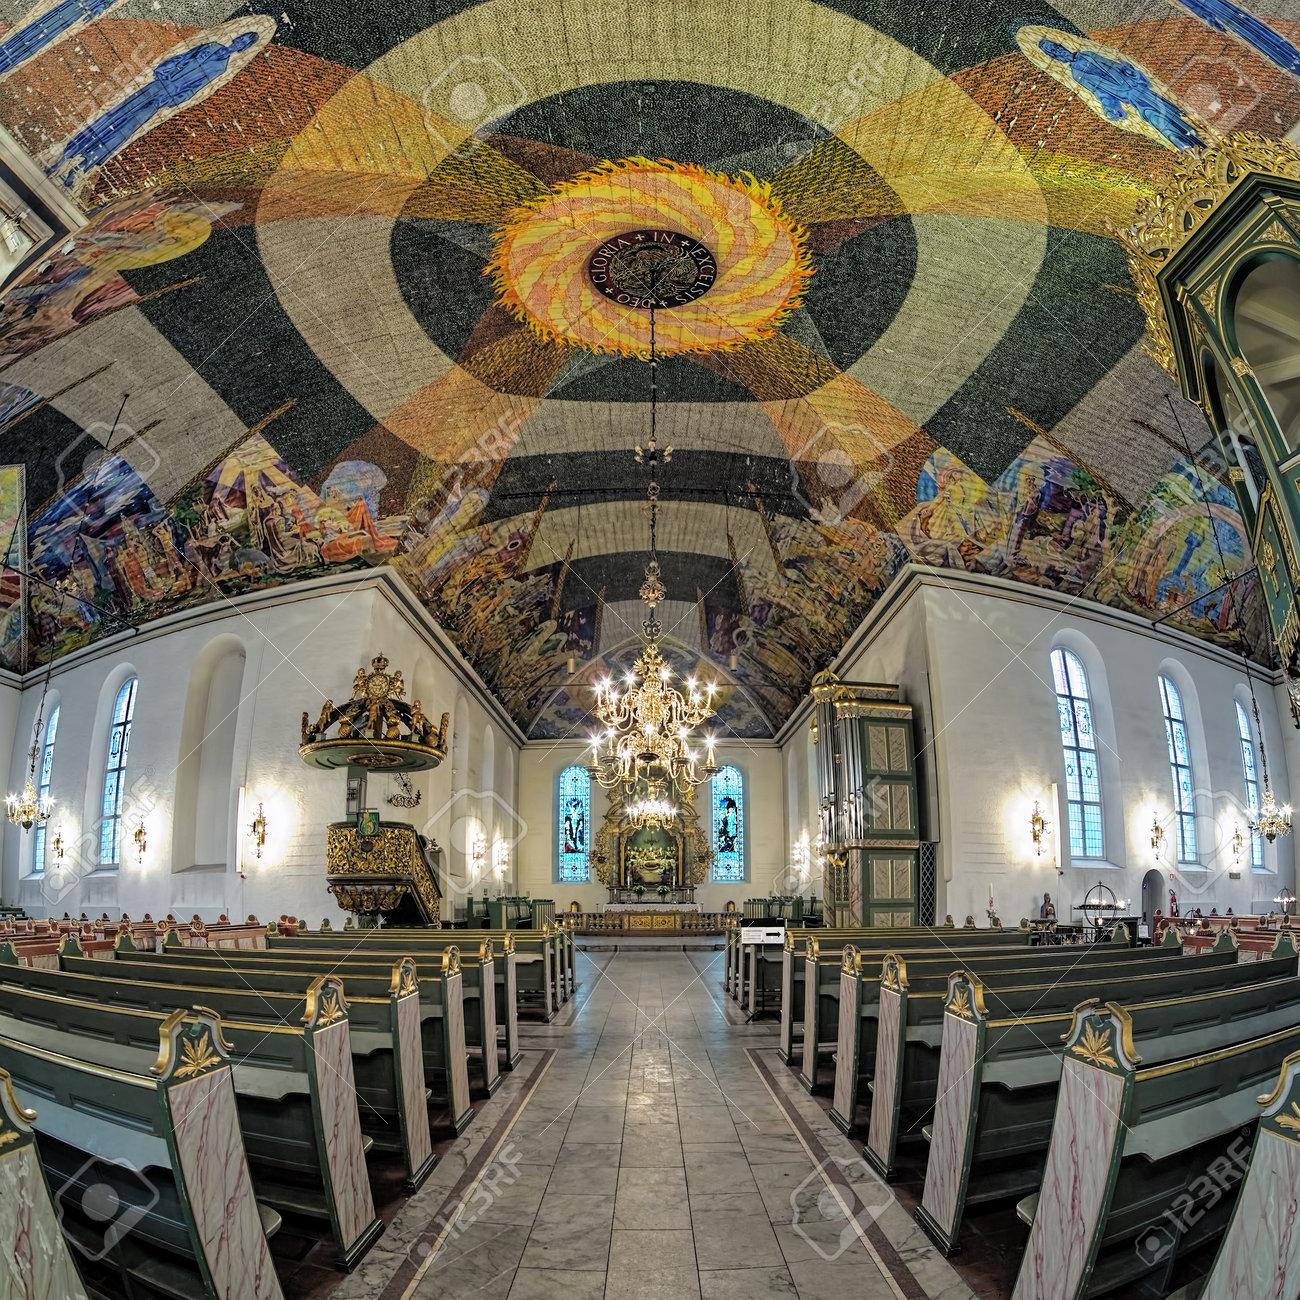 oslo norvge le 23 janvier 2017 intrieur de la cathdrale doslo les peintures modernes du plafond de 1500 mtres carrs ont t peintes par